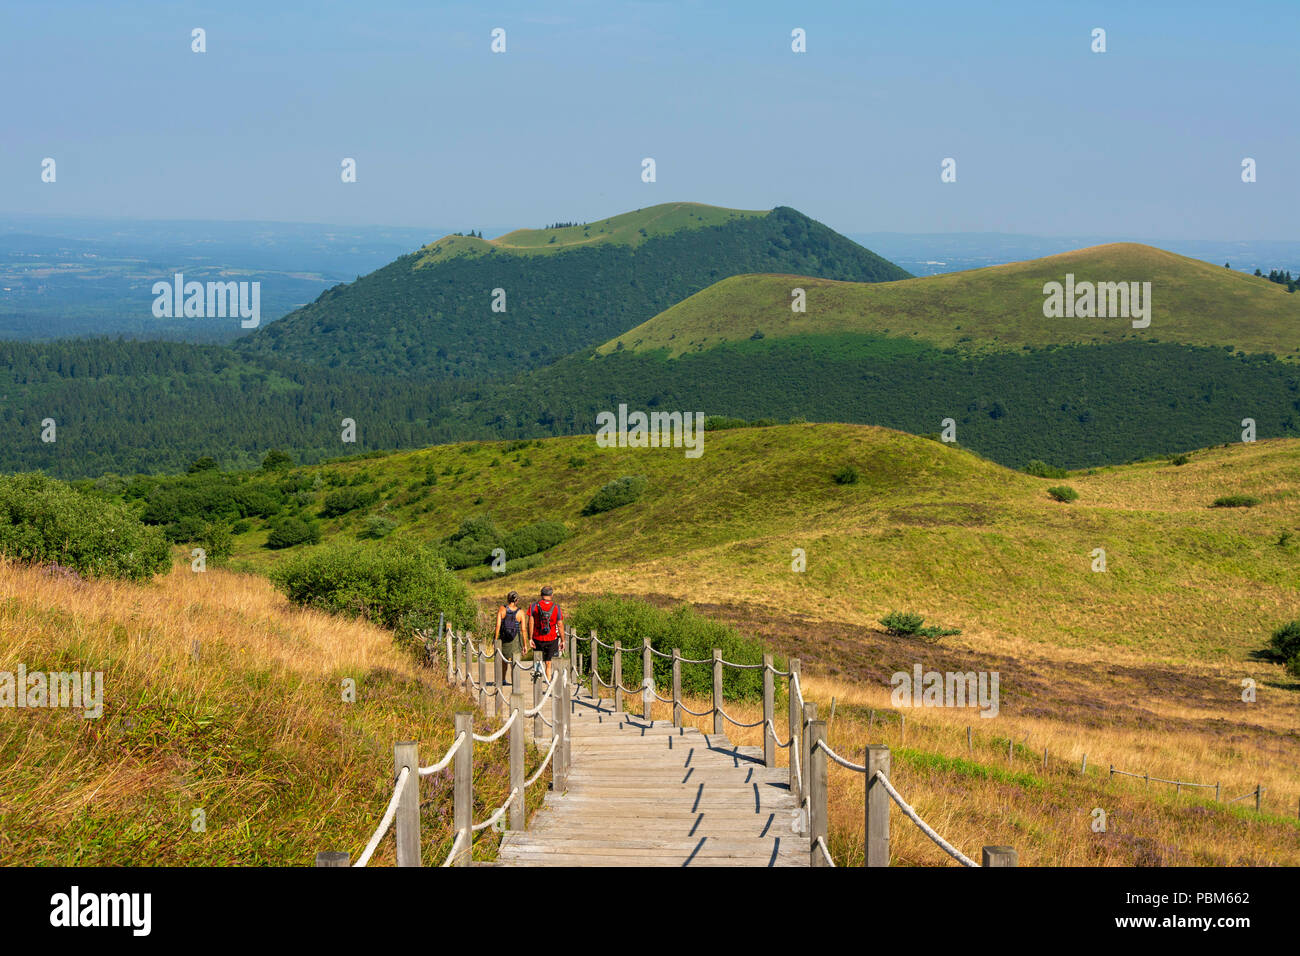 Wanderer Wandern im Regionalen Naturpark der Vulkane der Auvergne, UNESCO-Weltkulturerbe, Puy-de-Dome Abteilung, Auvergne-Rhone-Alpes, Frankreich Stockbild